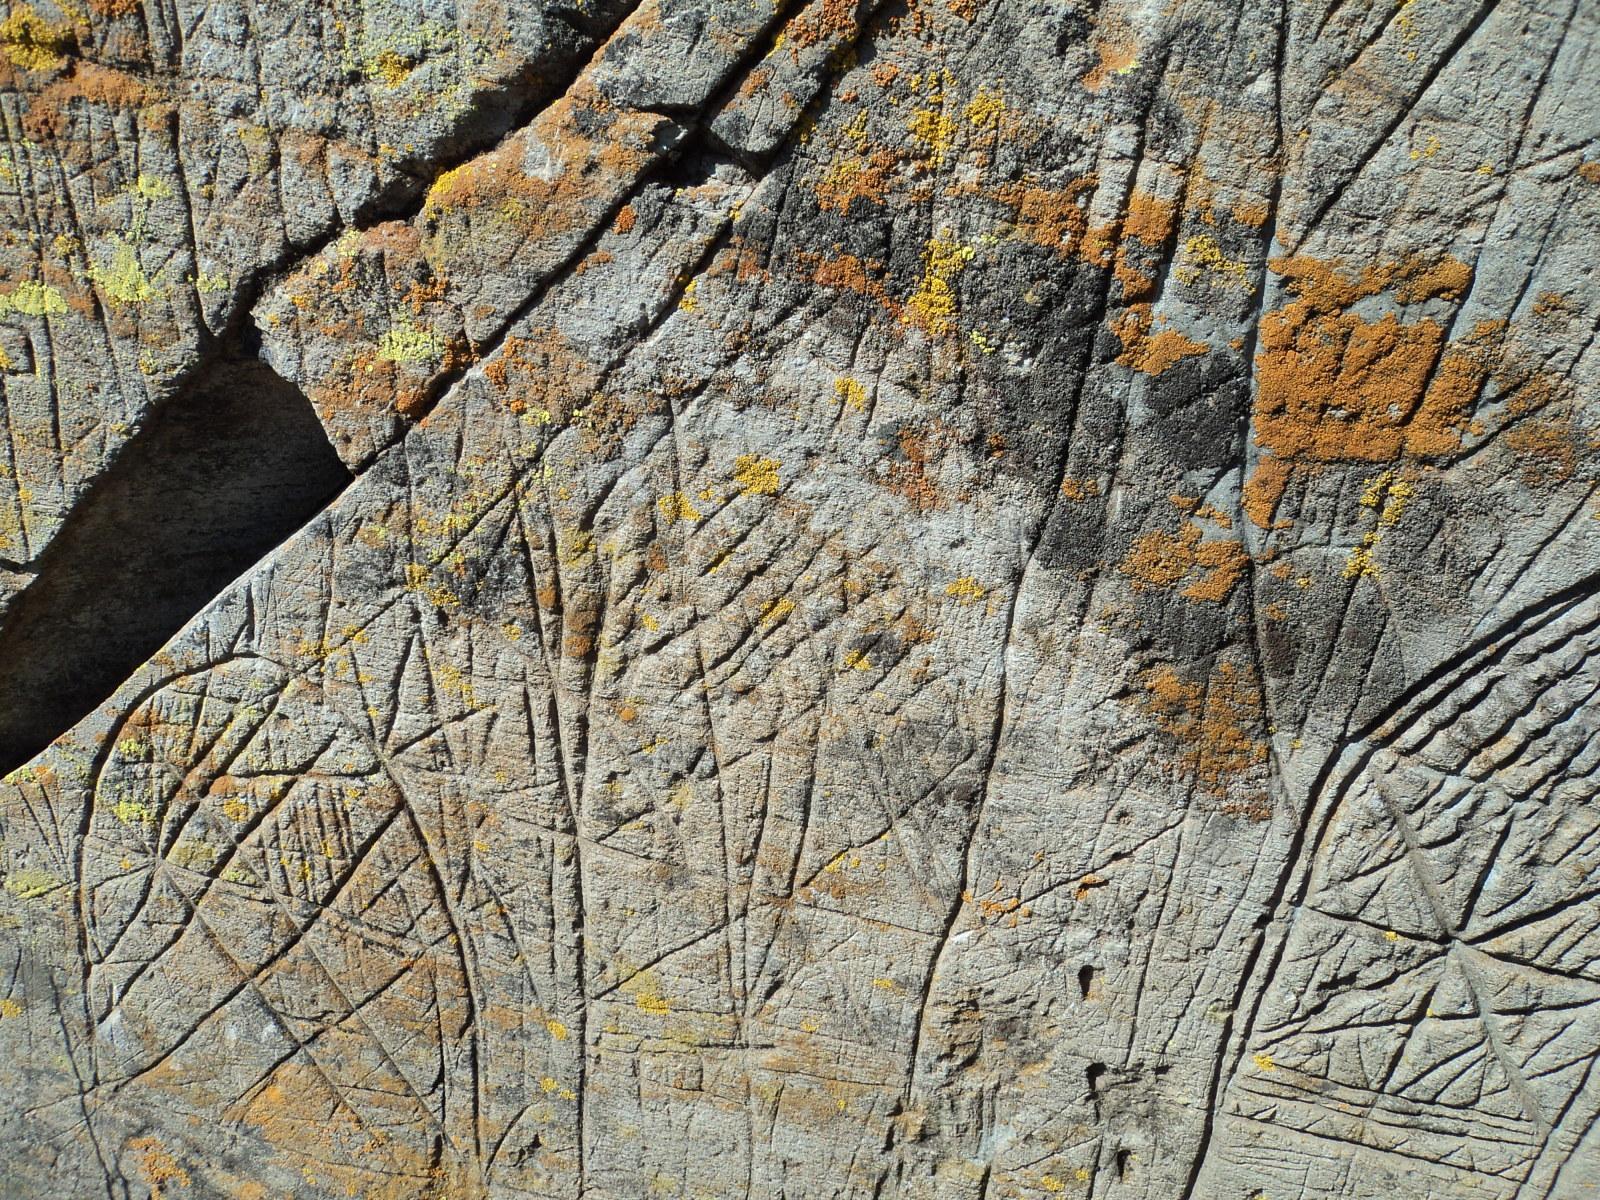 ayuda  para estas marcas en una piedra 2ylsais